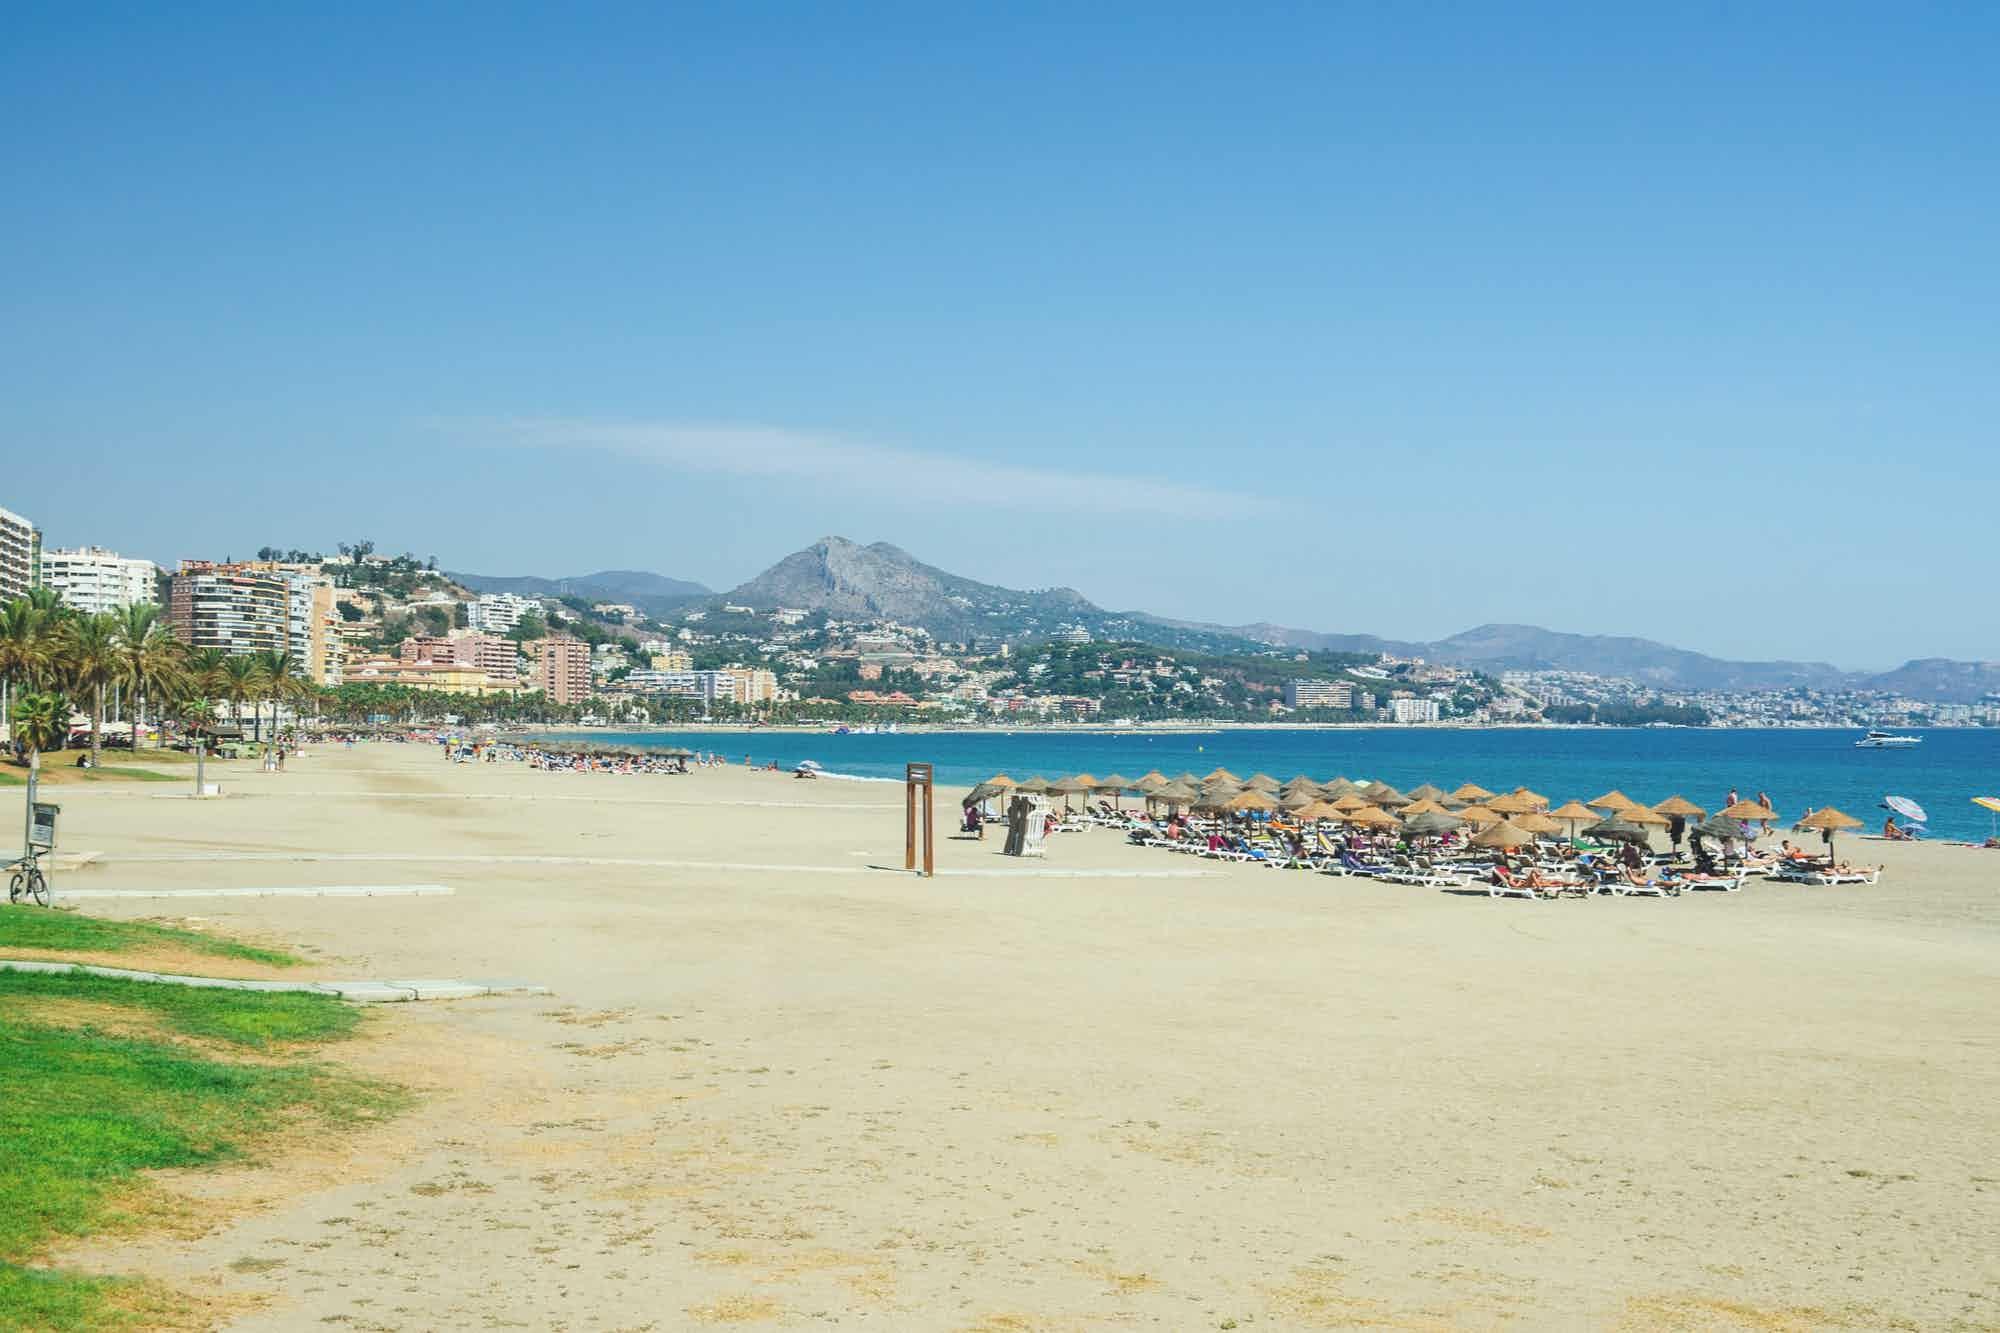 Location camping car Malaga